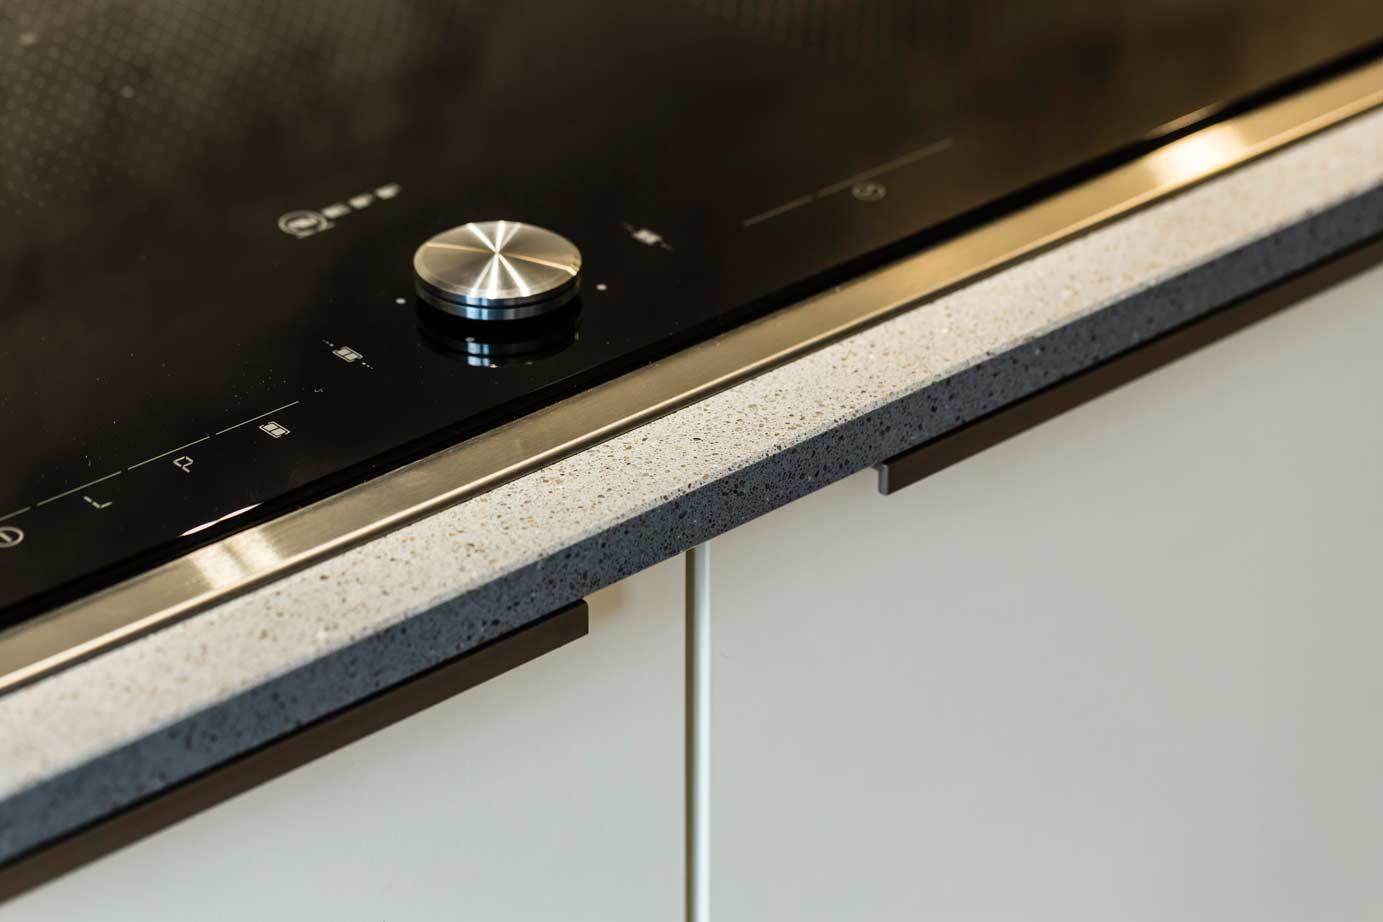 Siematic Keuken Ontwerpen : SieMatic keuken: strak design